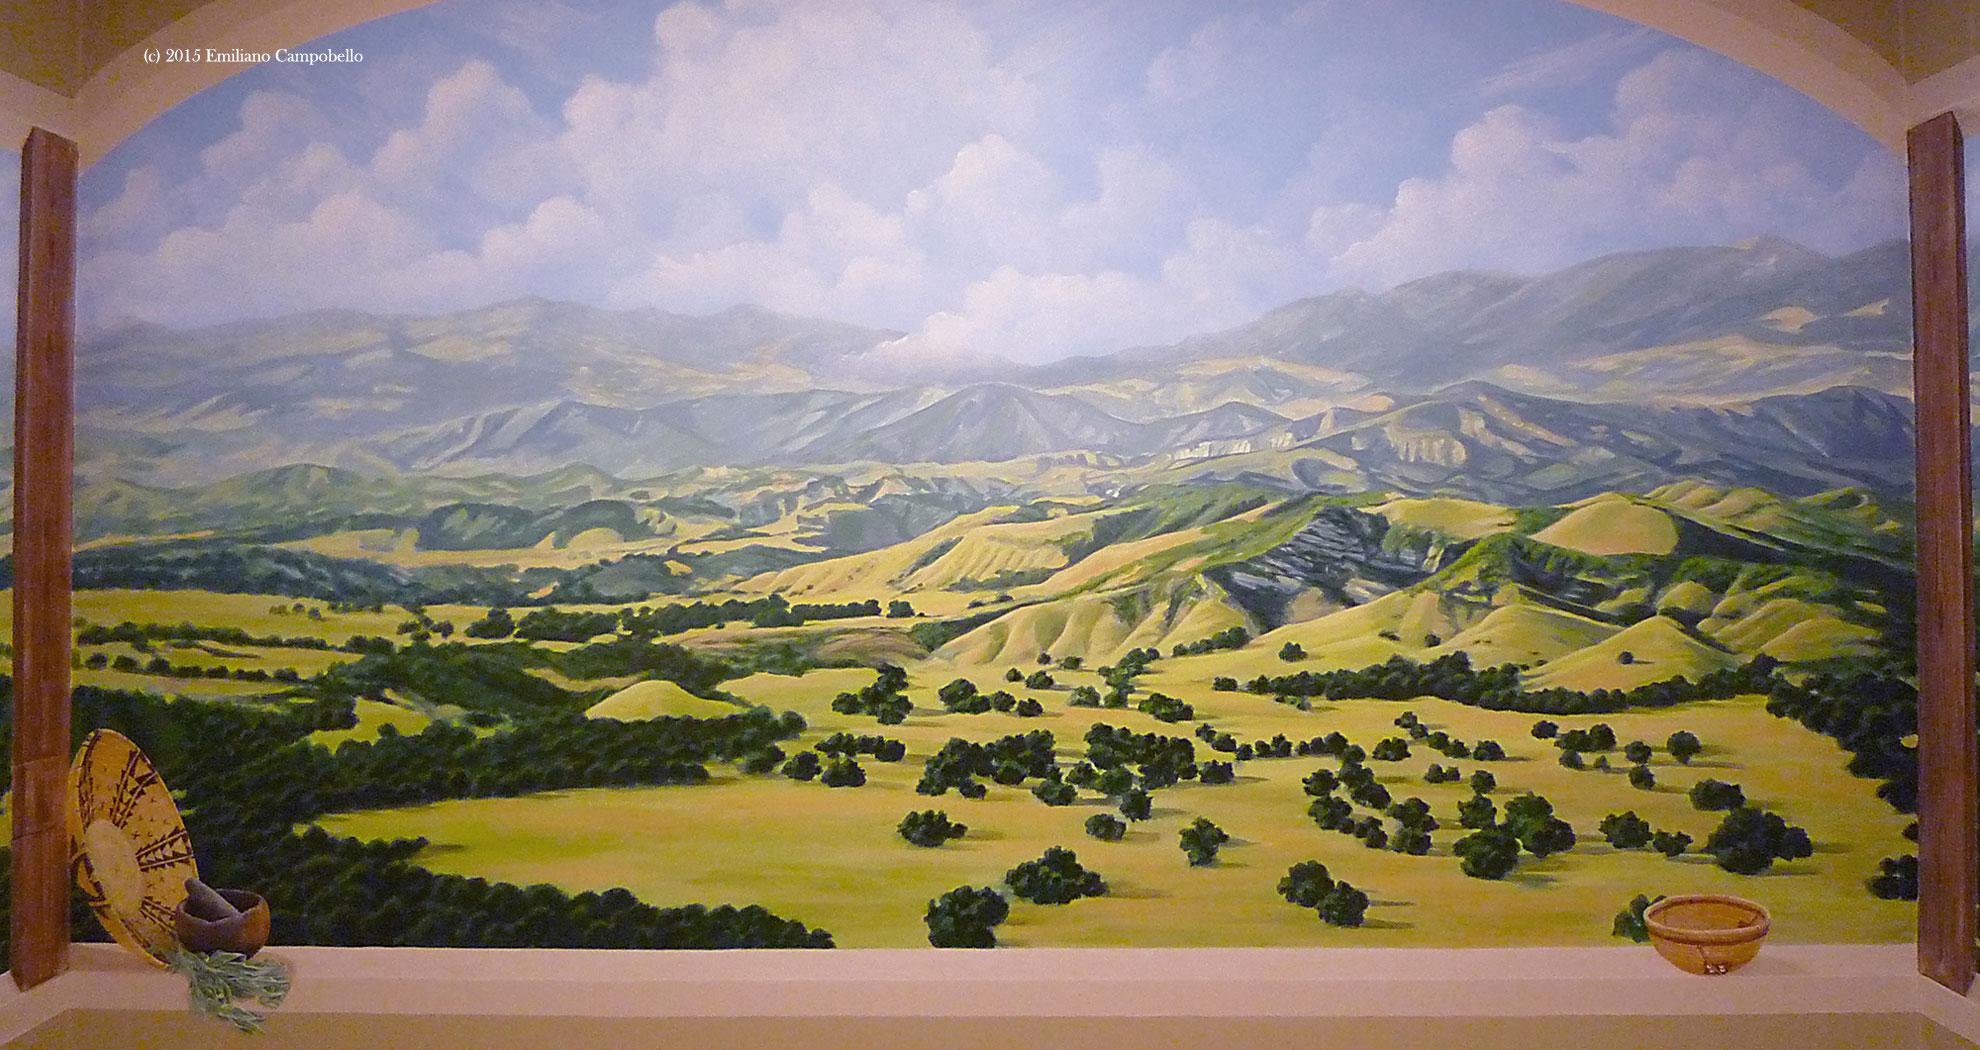 Chumash Landscape Emiliano Campobello